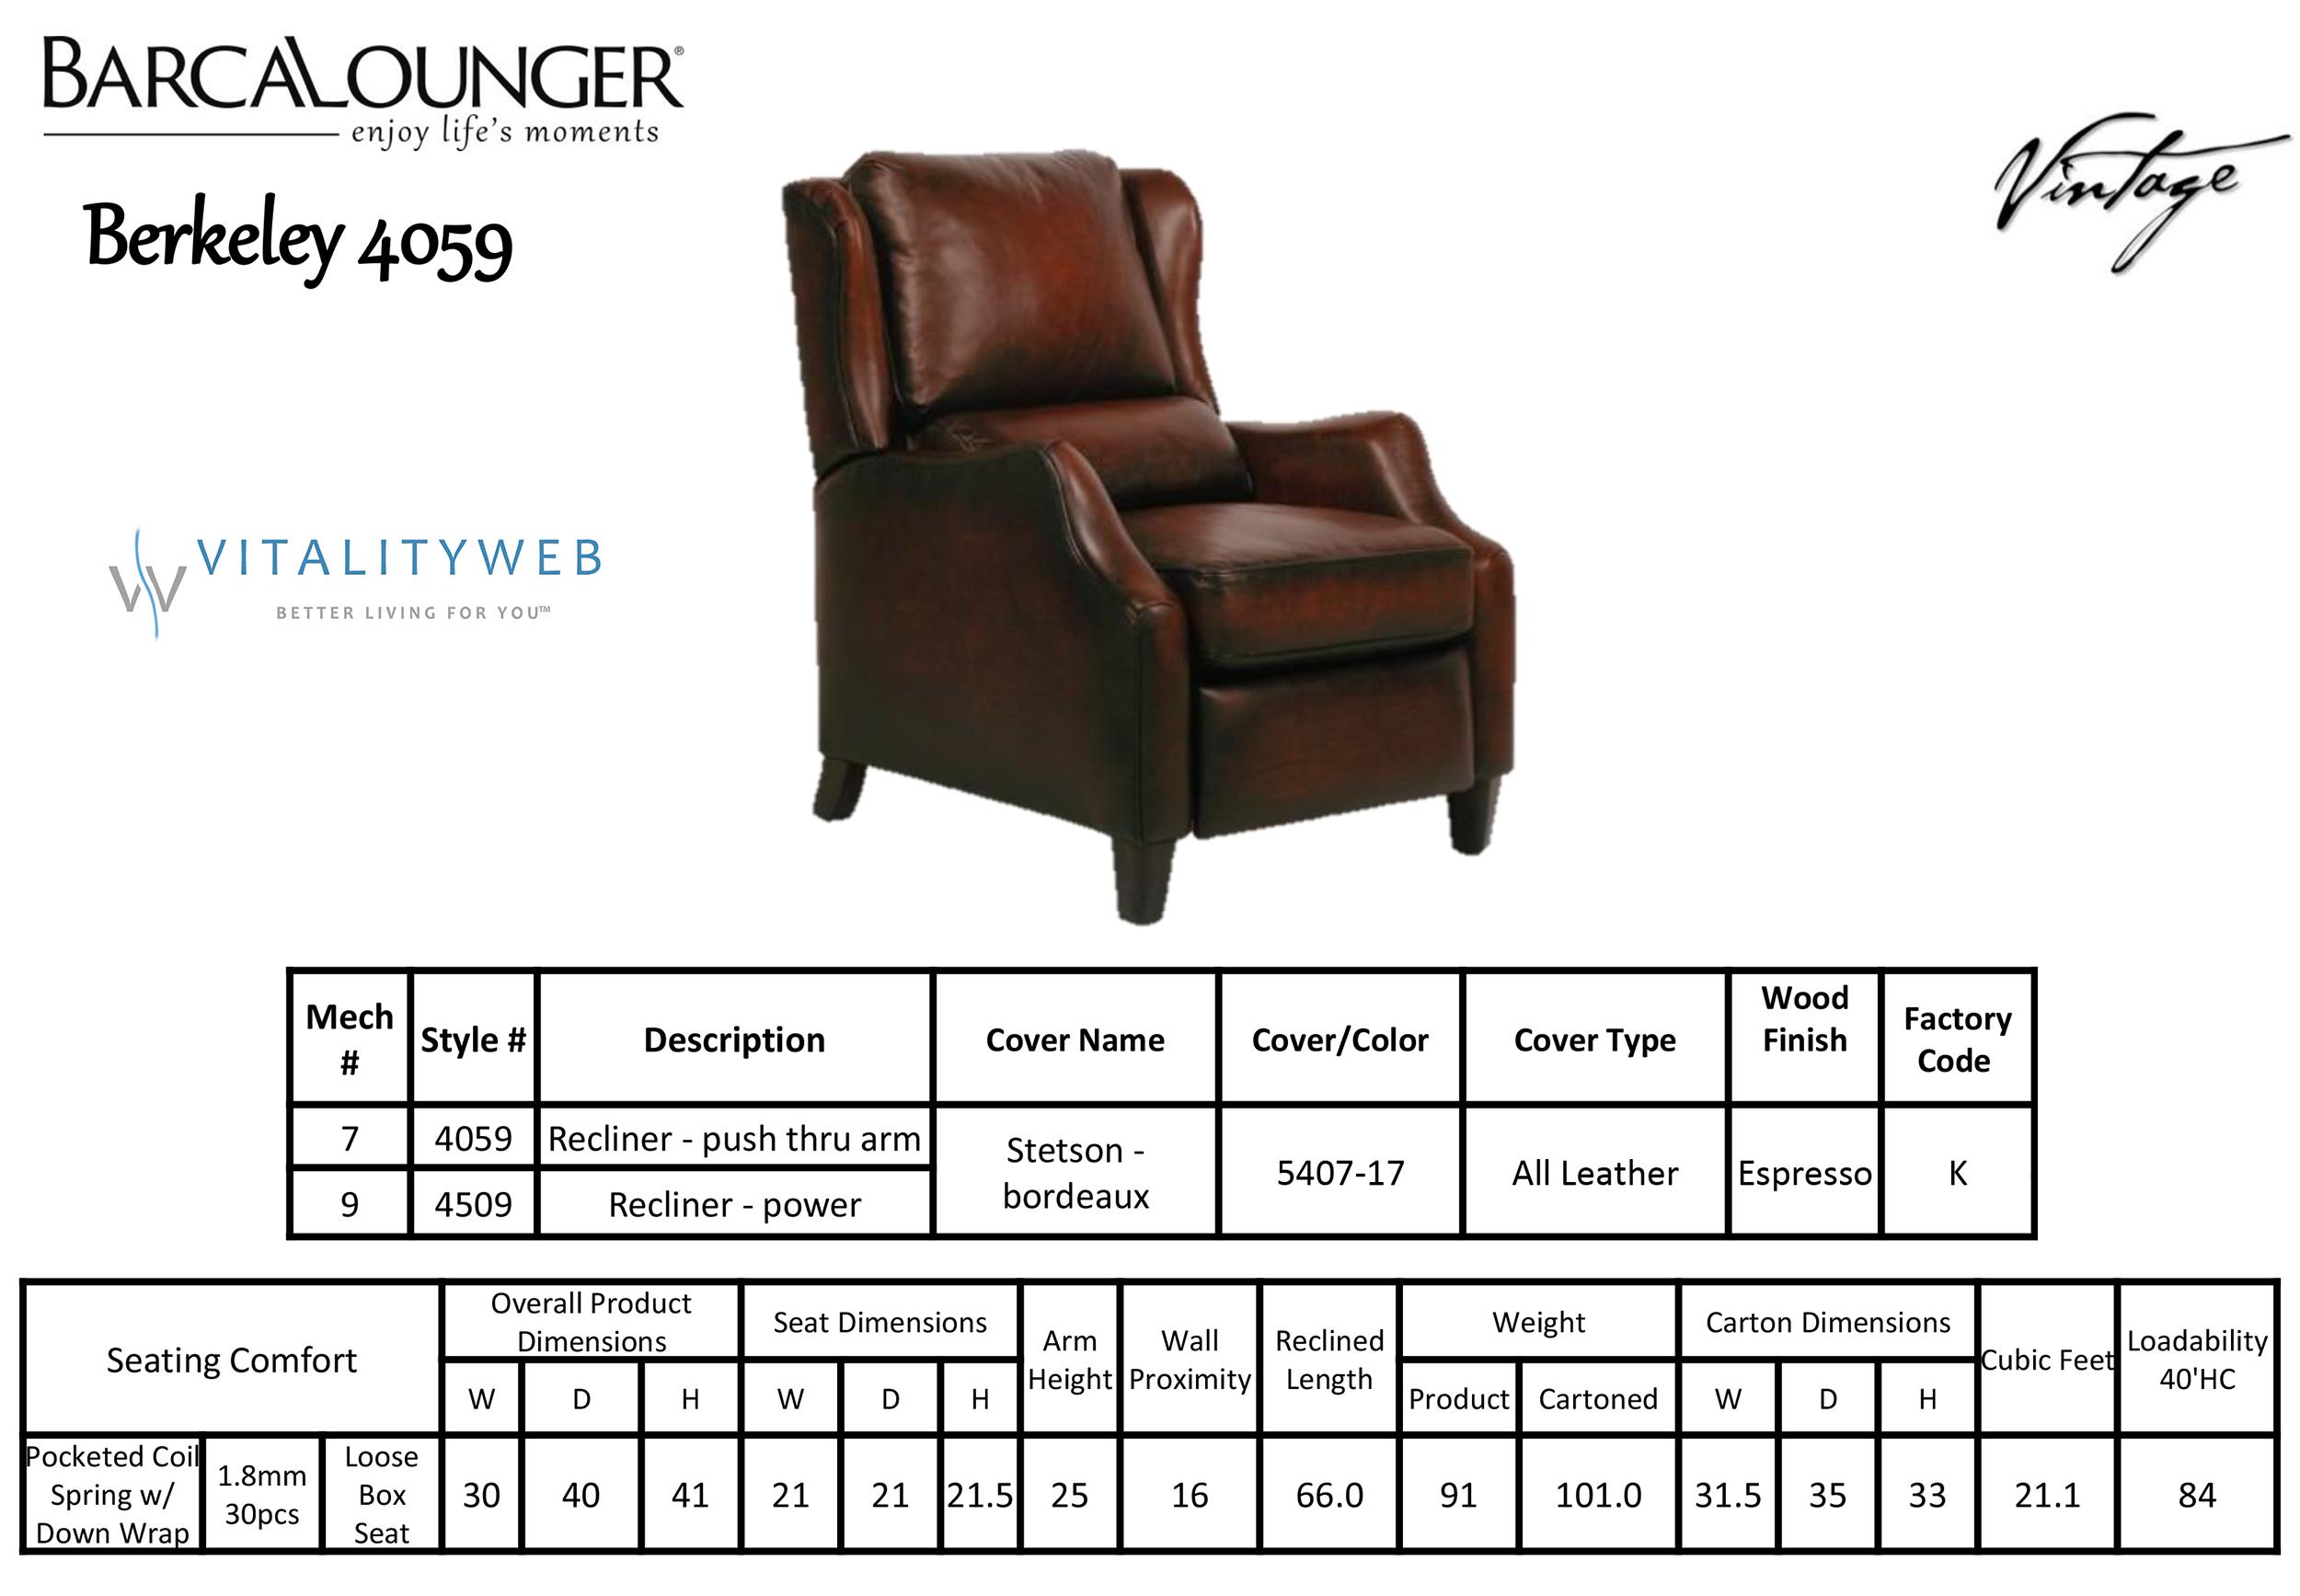 Superb Details About Barcalounger Berkley Power Stetson Bordeaux Leather Recliner Chair 9 4059 Dailytribune Chair Design For Home Dailytribuneorg